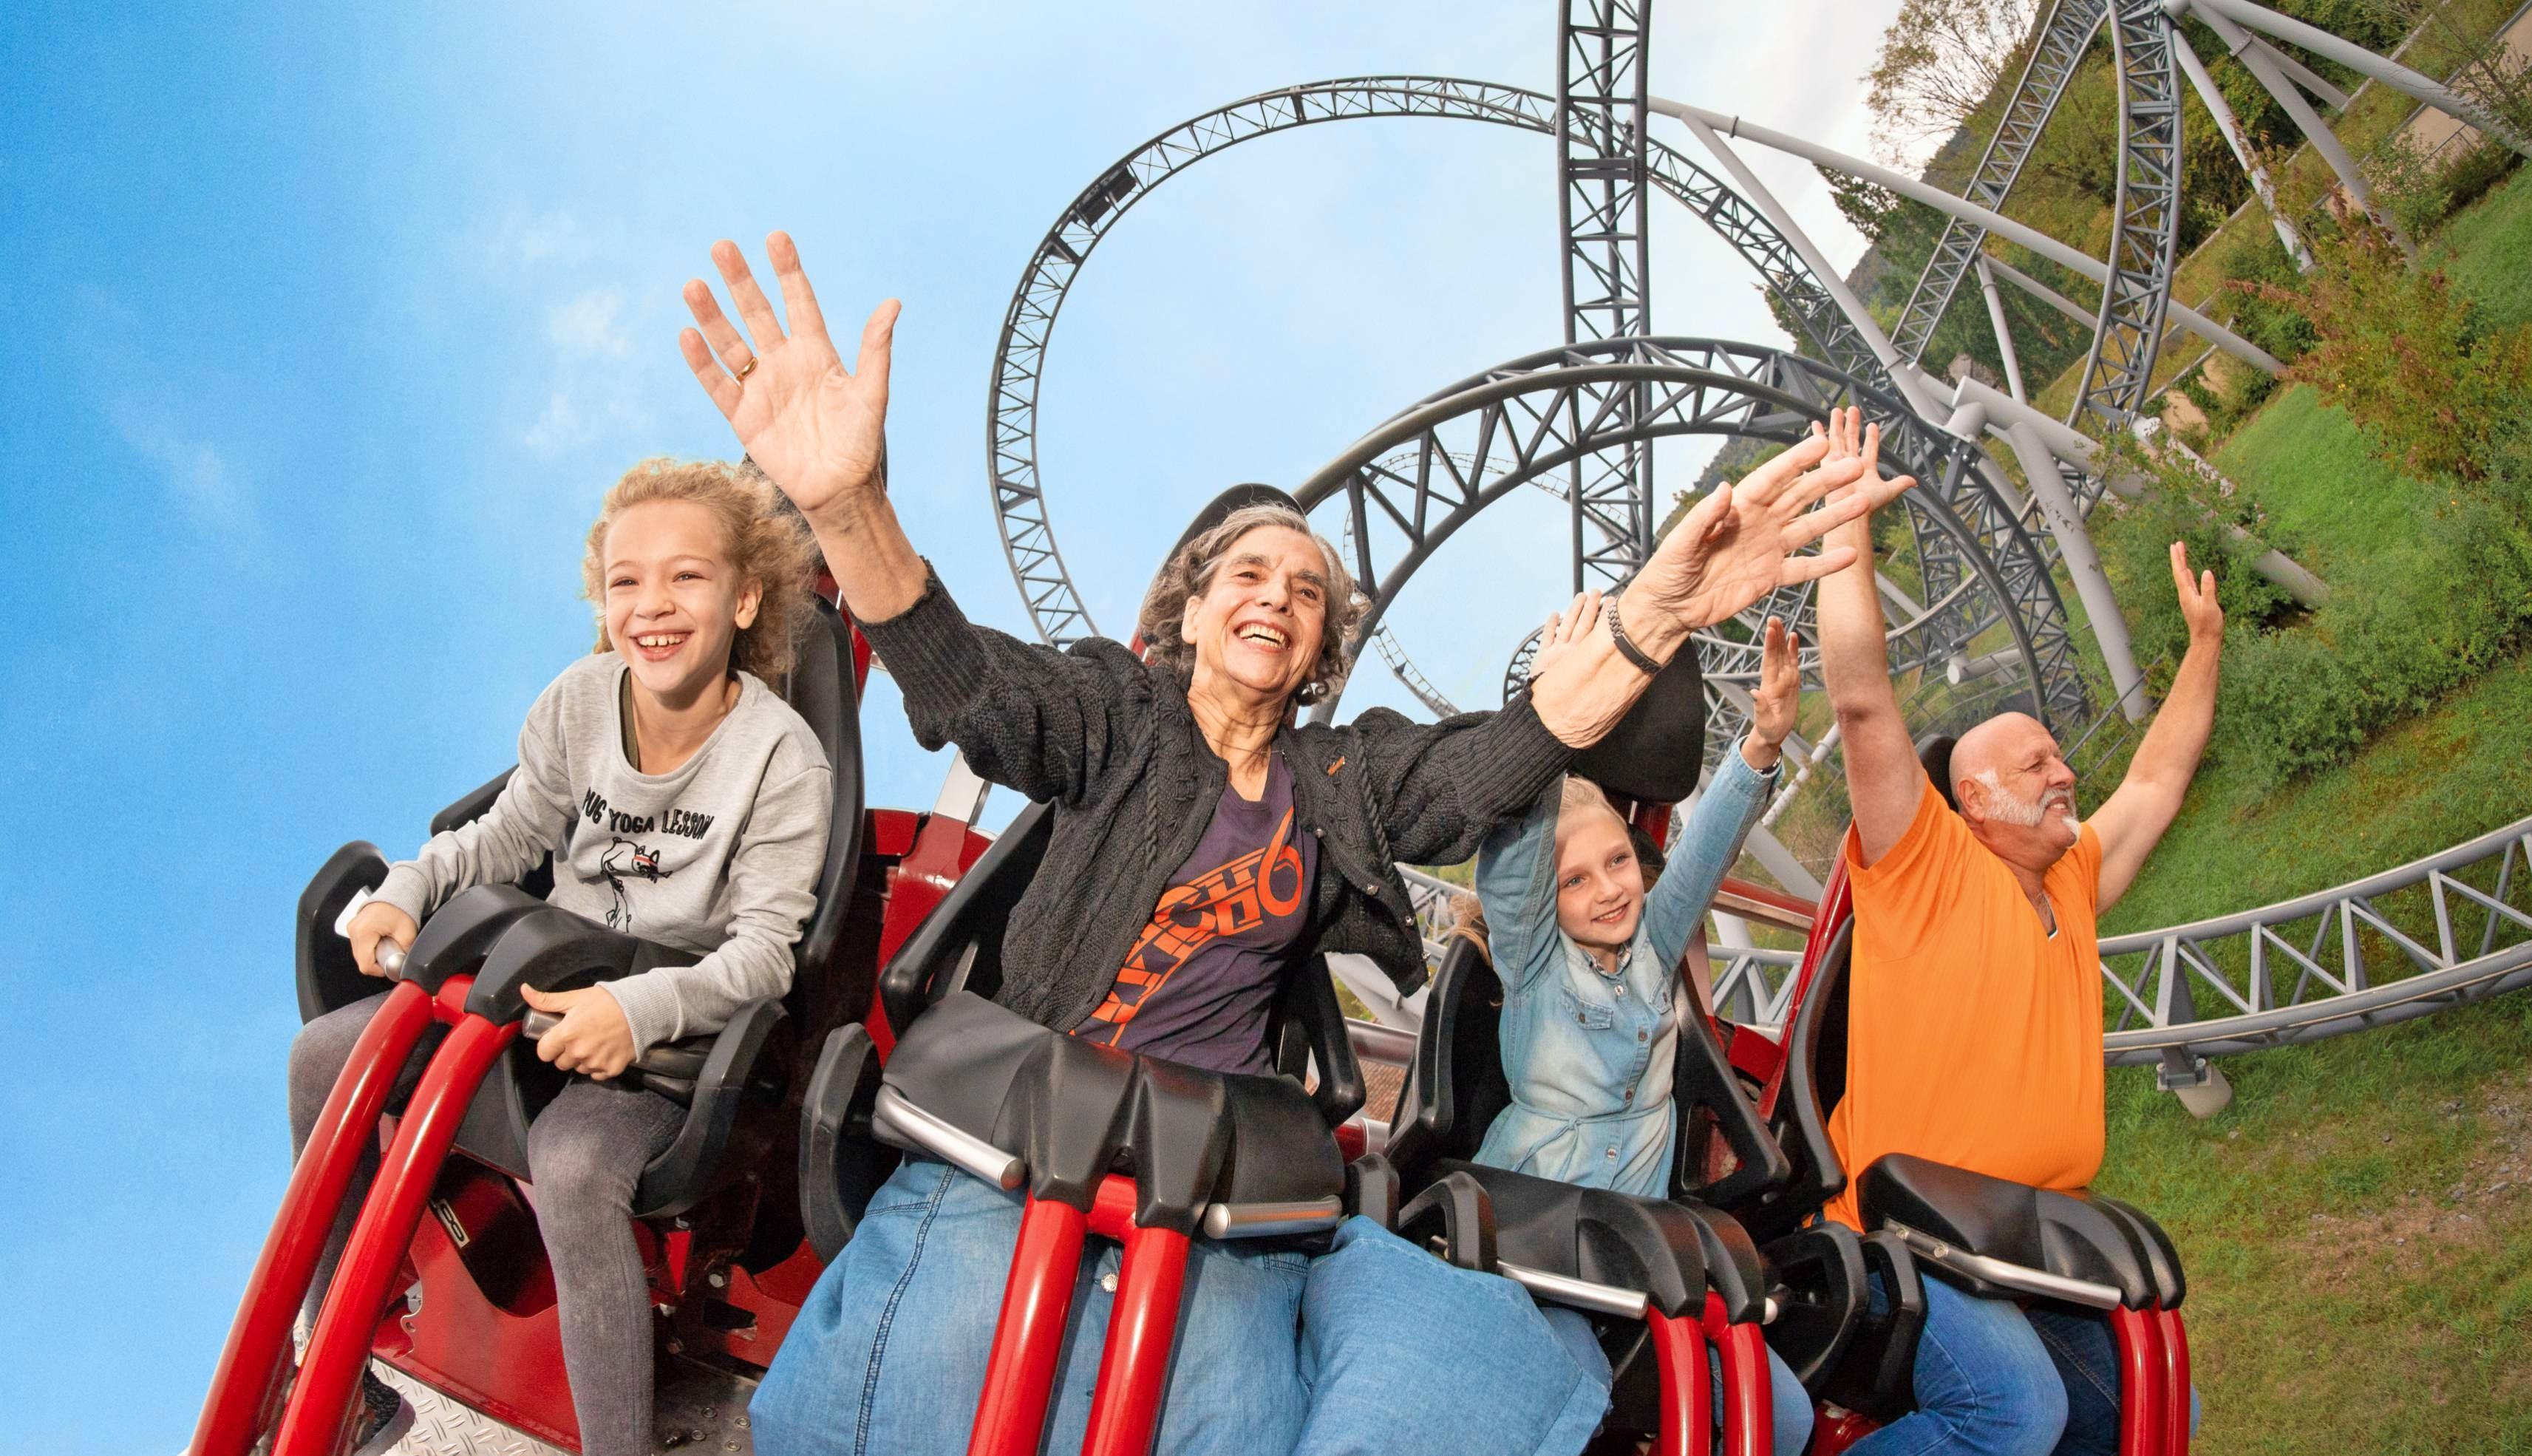 Stets ein Lächeln im Gesicht während der Fahrt: Ursel Dees (Zweite von links) hat sichtlich Spaß.